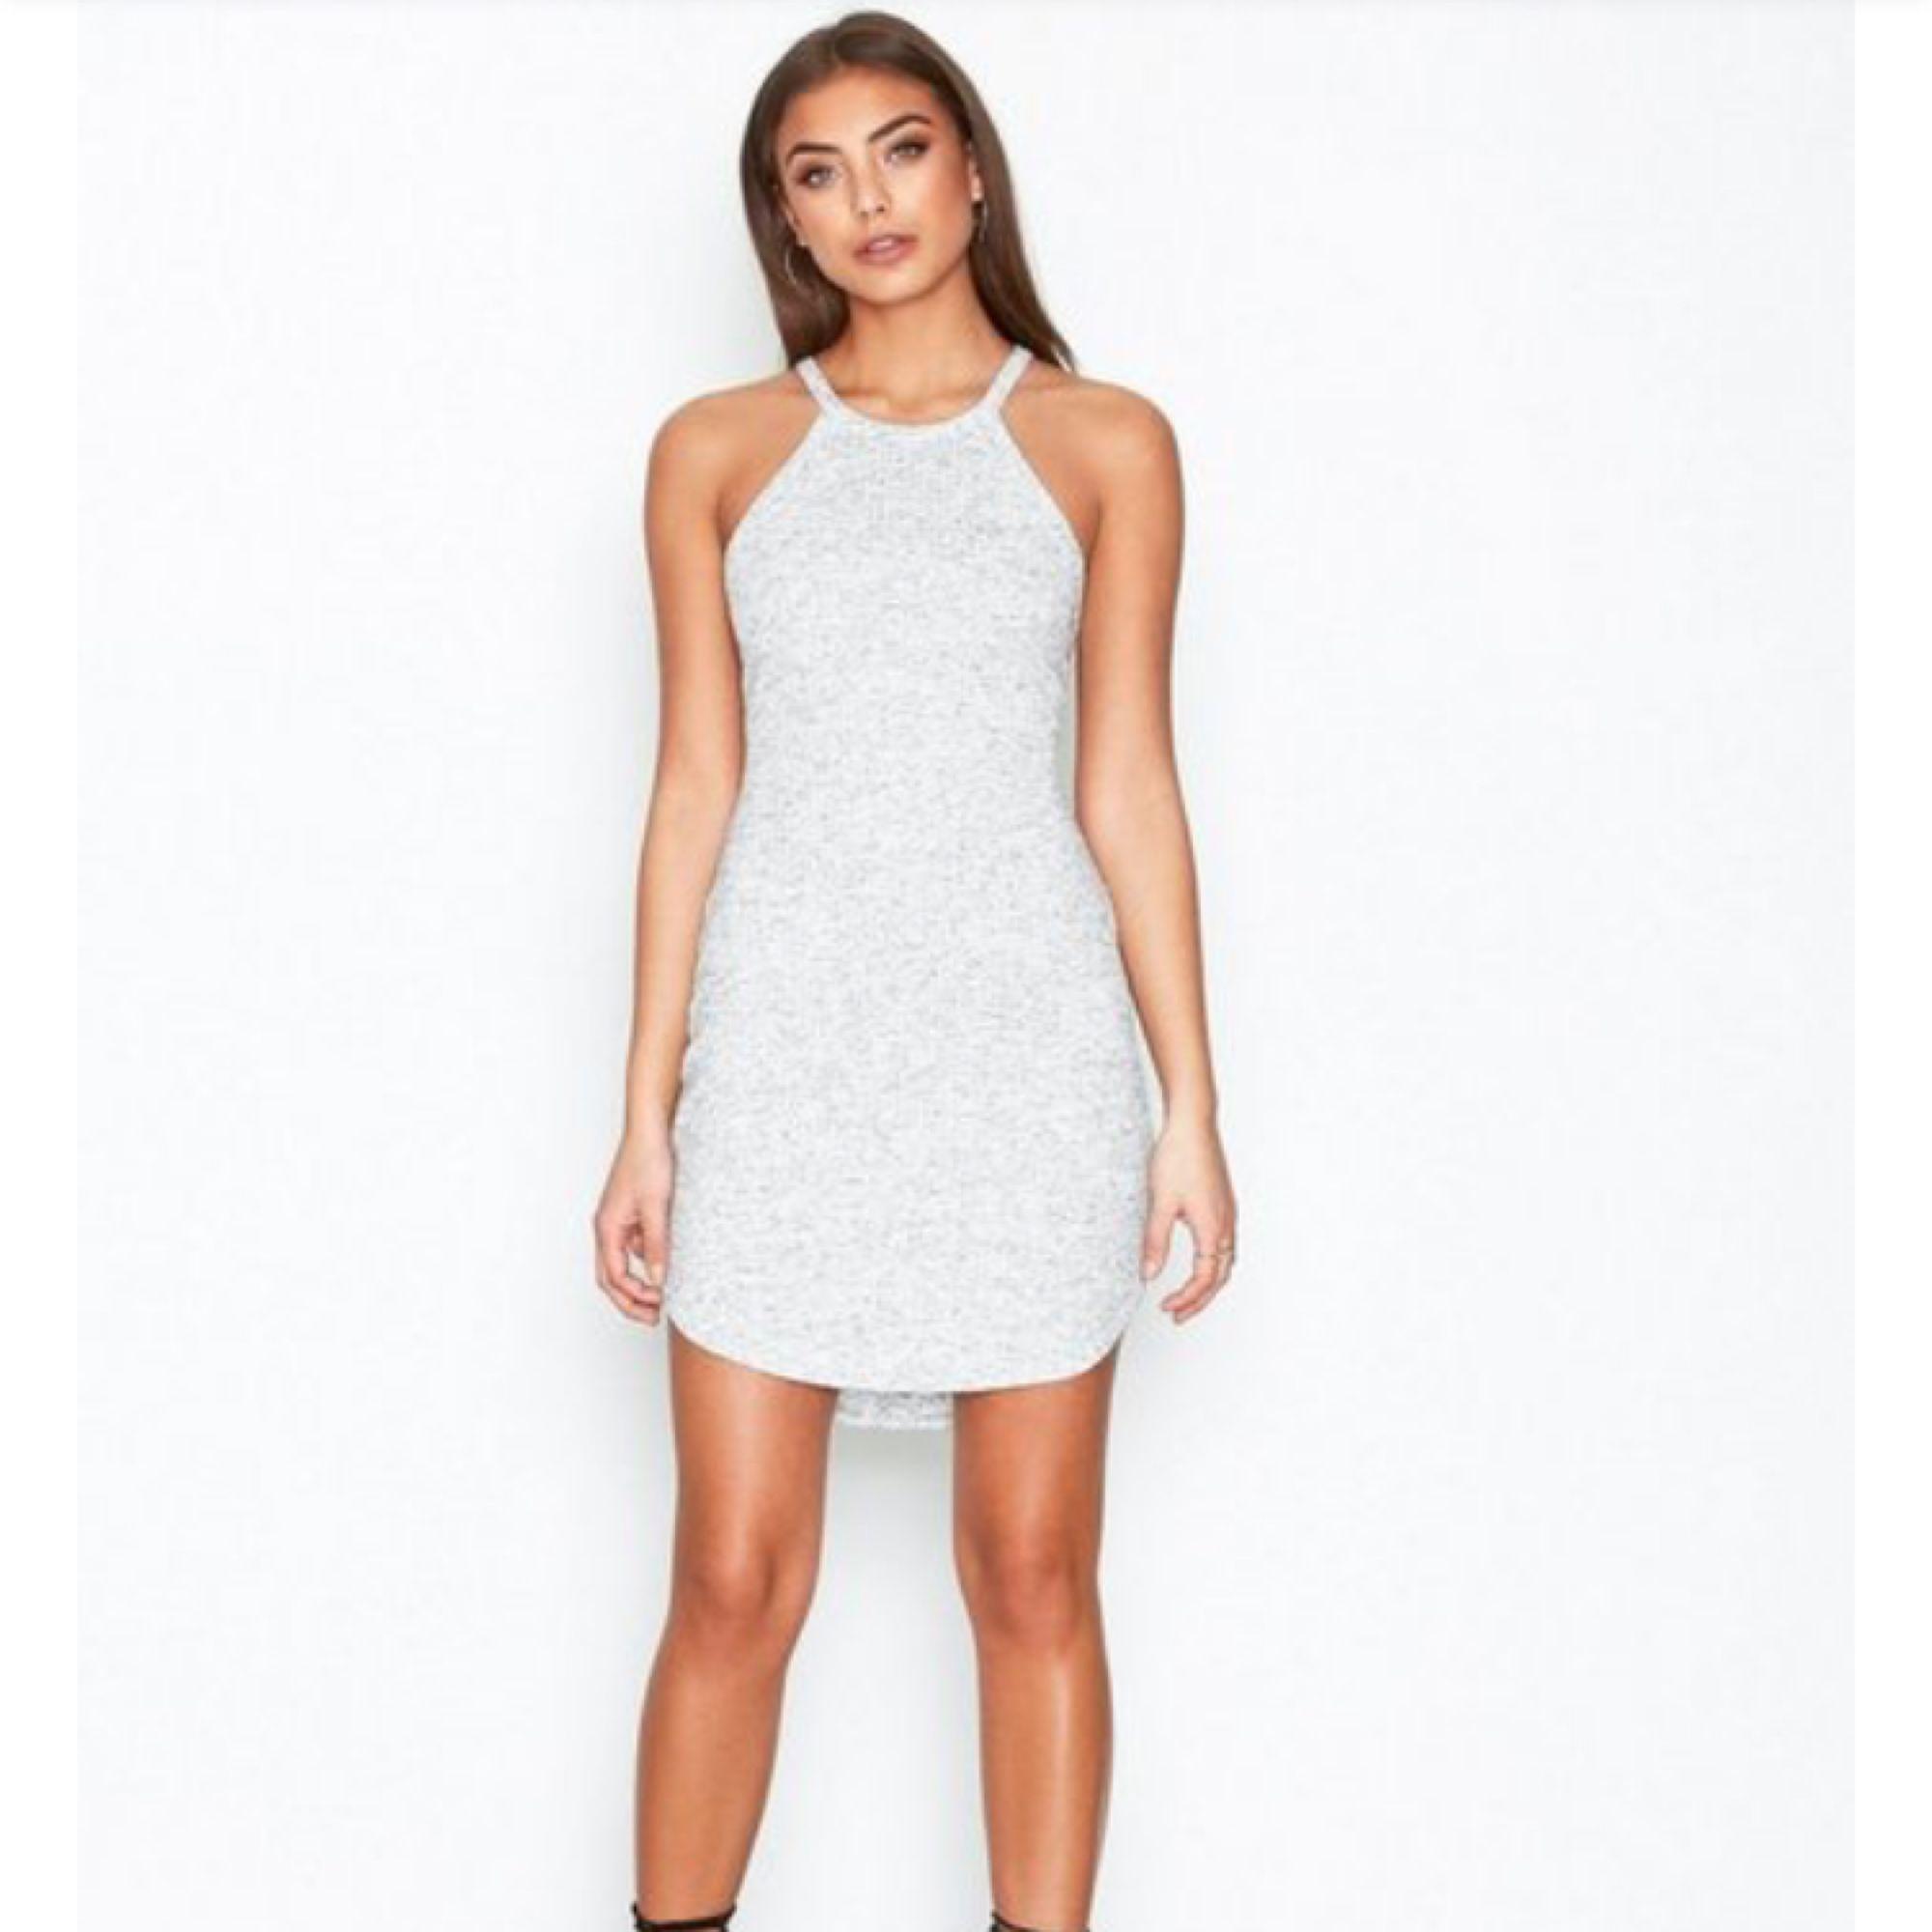 Säljer exakt denna klänningen på bilden ifrån NELLY. Supersnygg och i jätte mjukt tyg som funkar till alla tillfällen! I perfekt skick. Egen bild på klänningen går självklart att få. Upplever klänningen mer